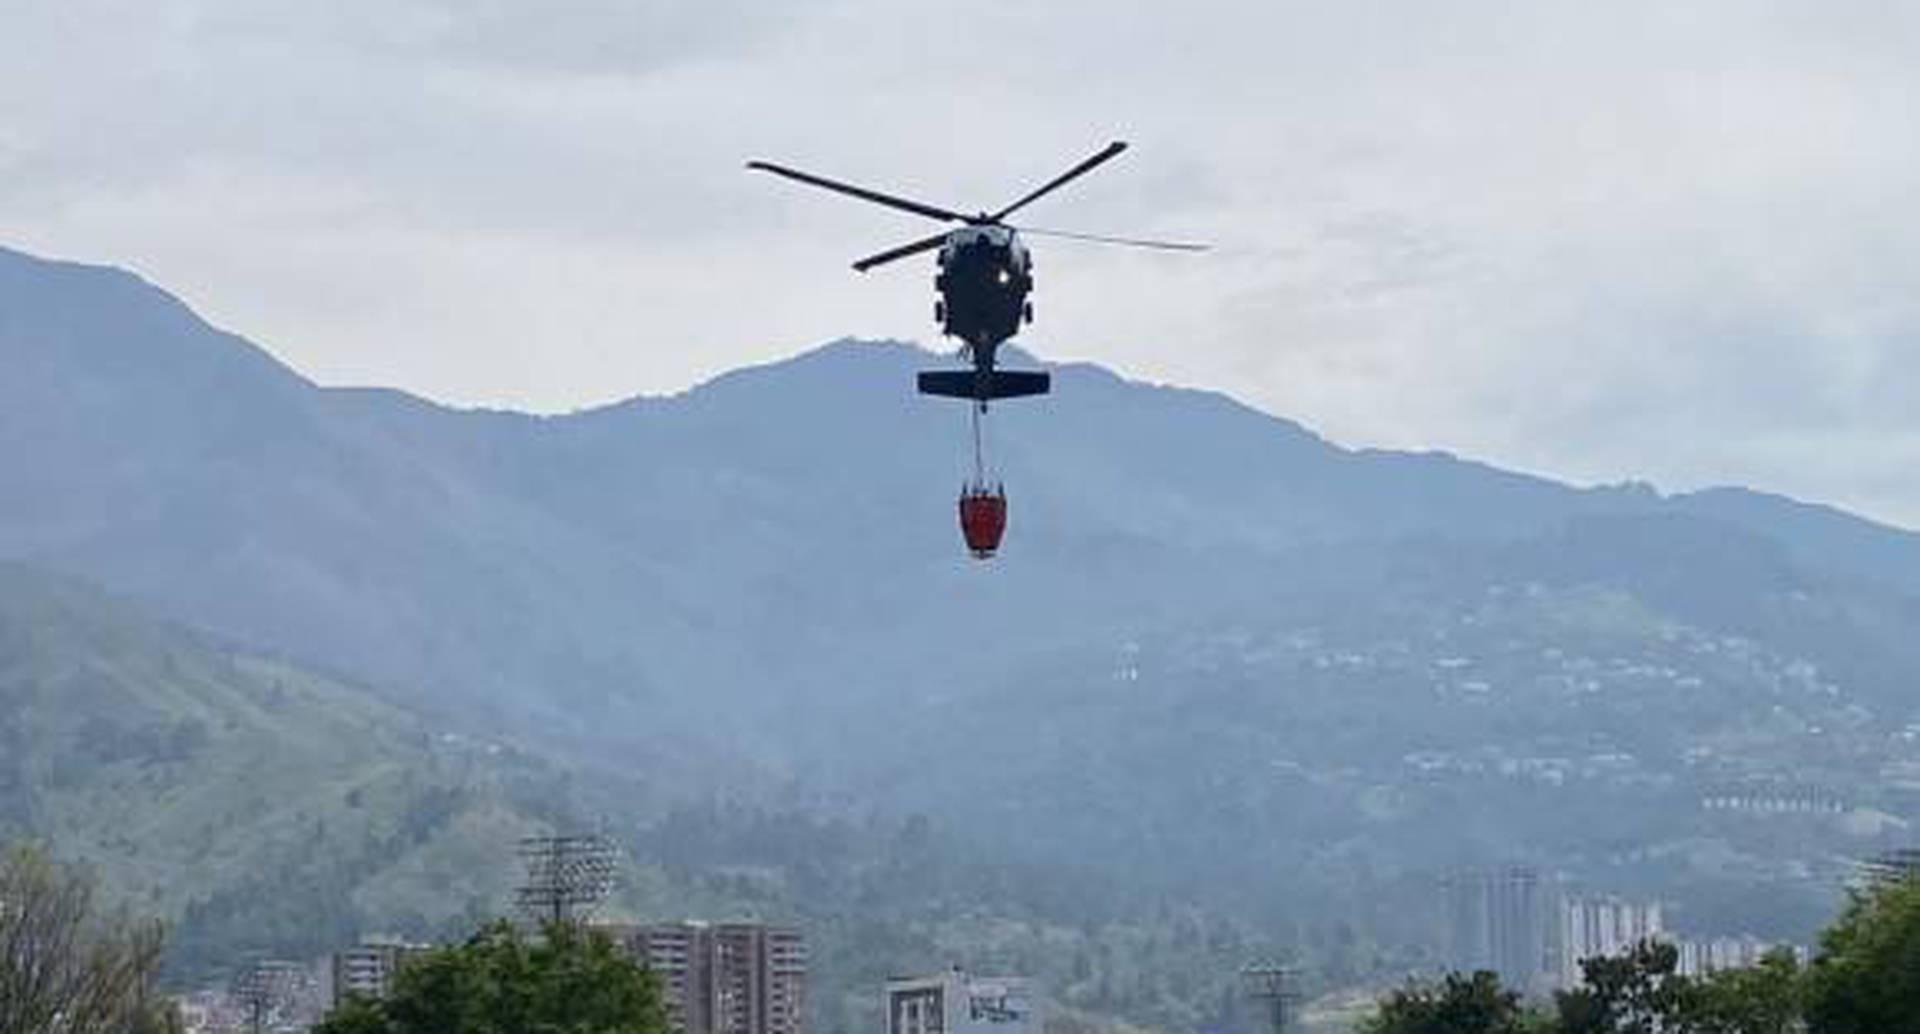 El incidente con el Bambi Bucket sucedió en la mañana de este lunes en Bello, Antioquia. Foto: Cortesía Alcaldía de Bello.